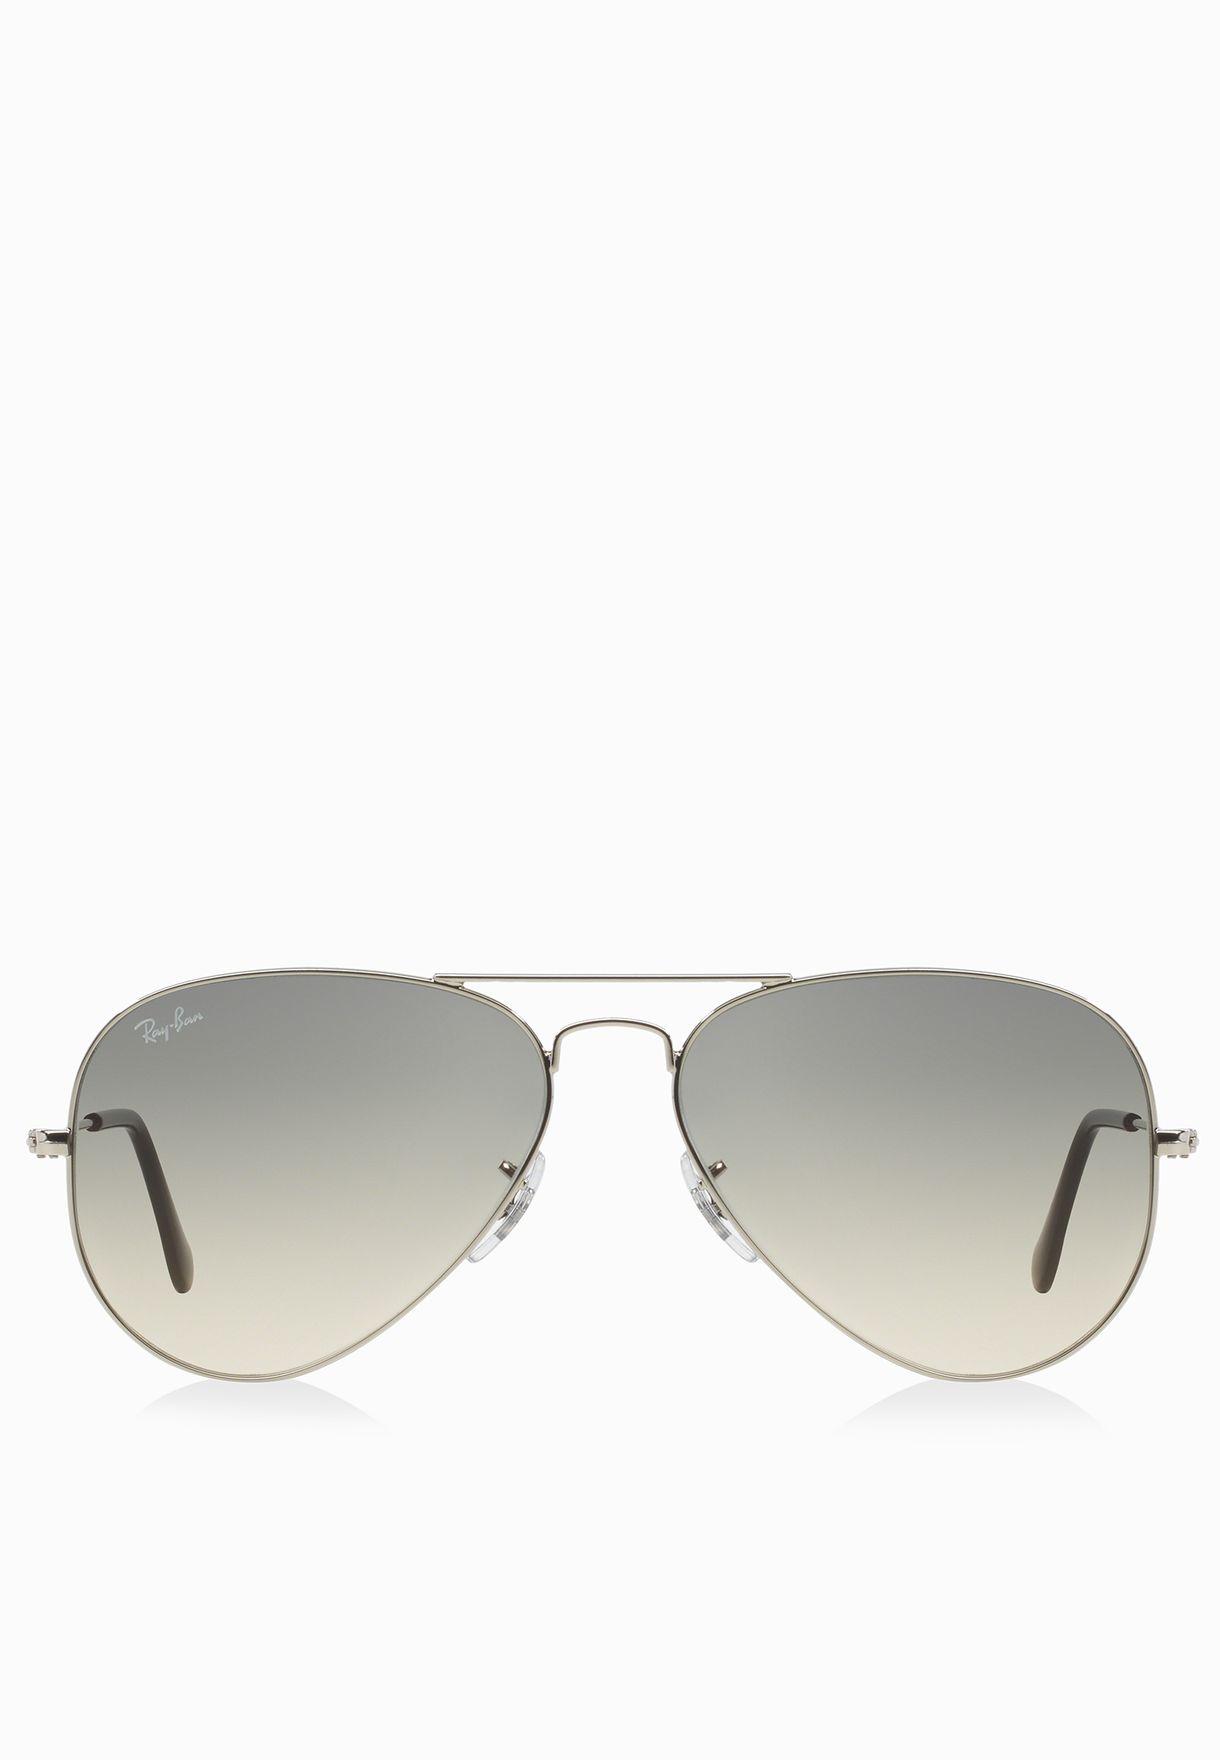 176fe894b تسوق نظارة شمسية افياتور متدرجة اللون ماركة ريبان لون فضي ...